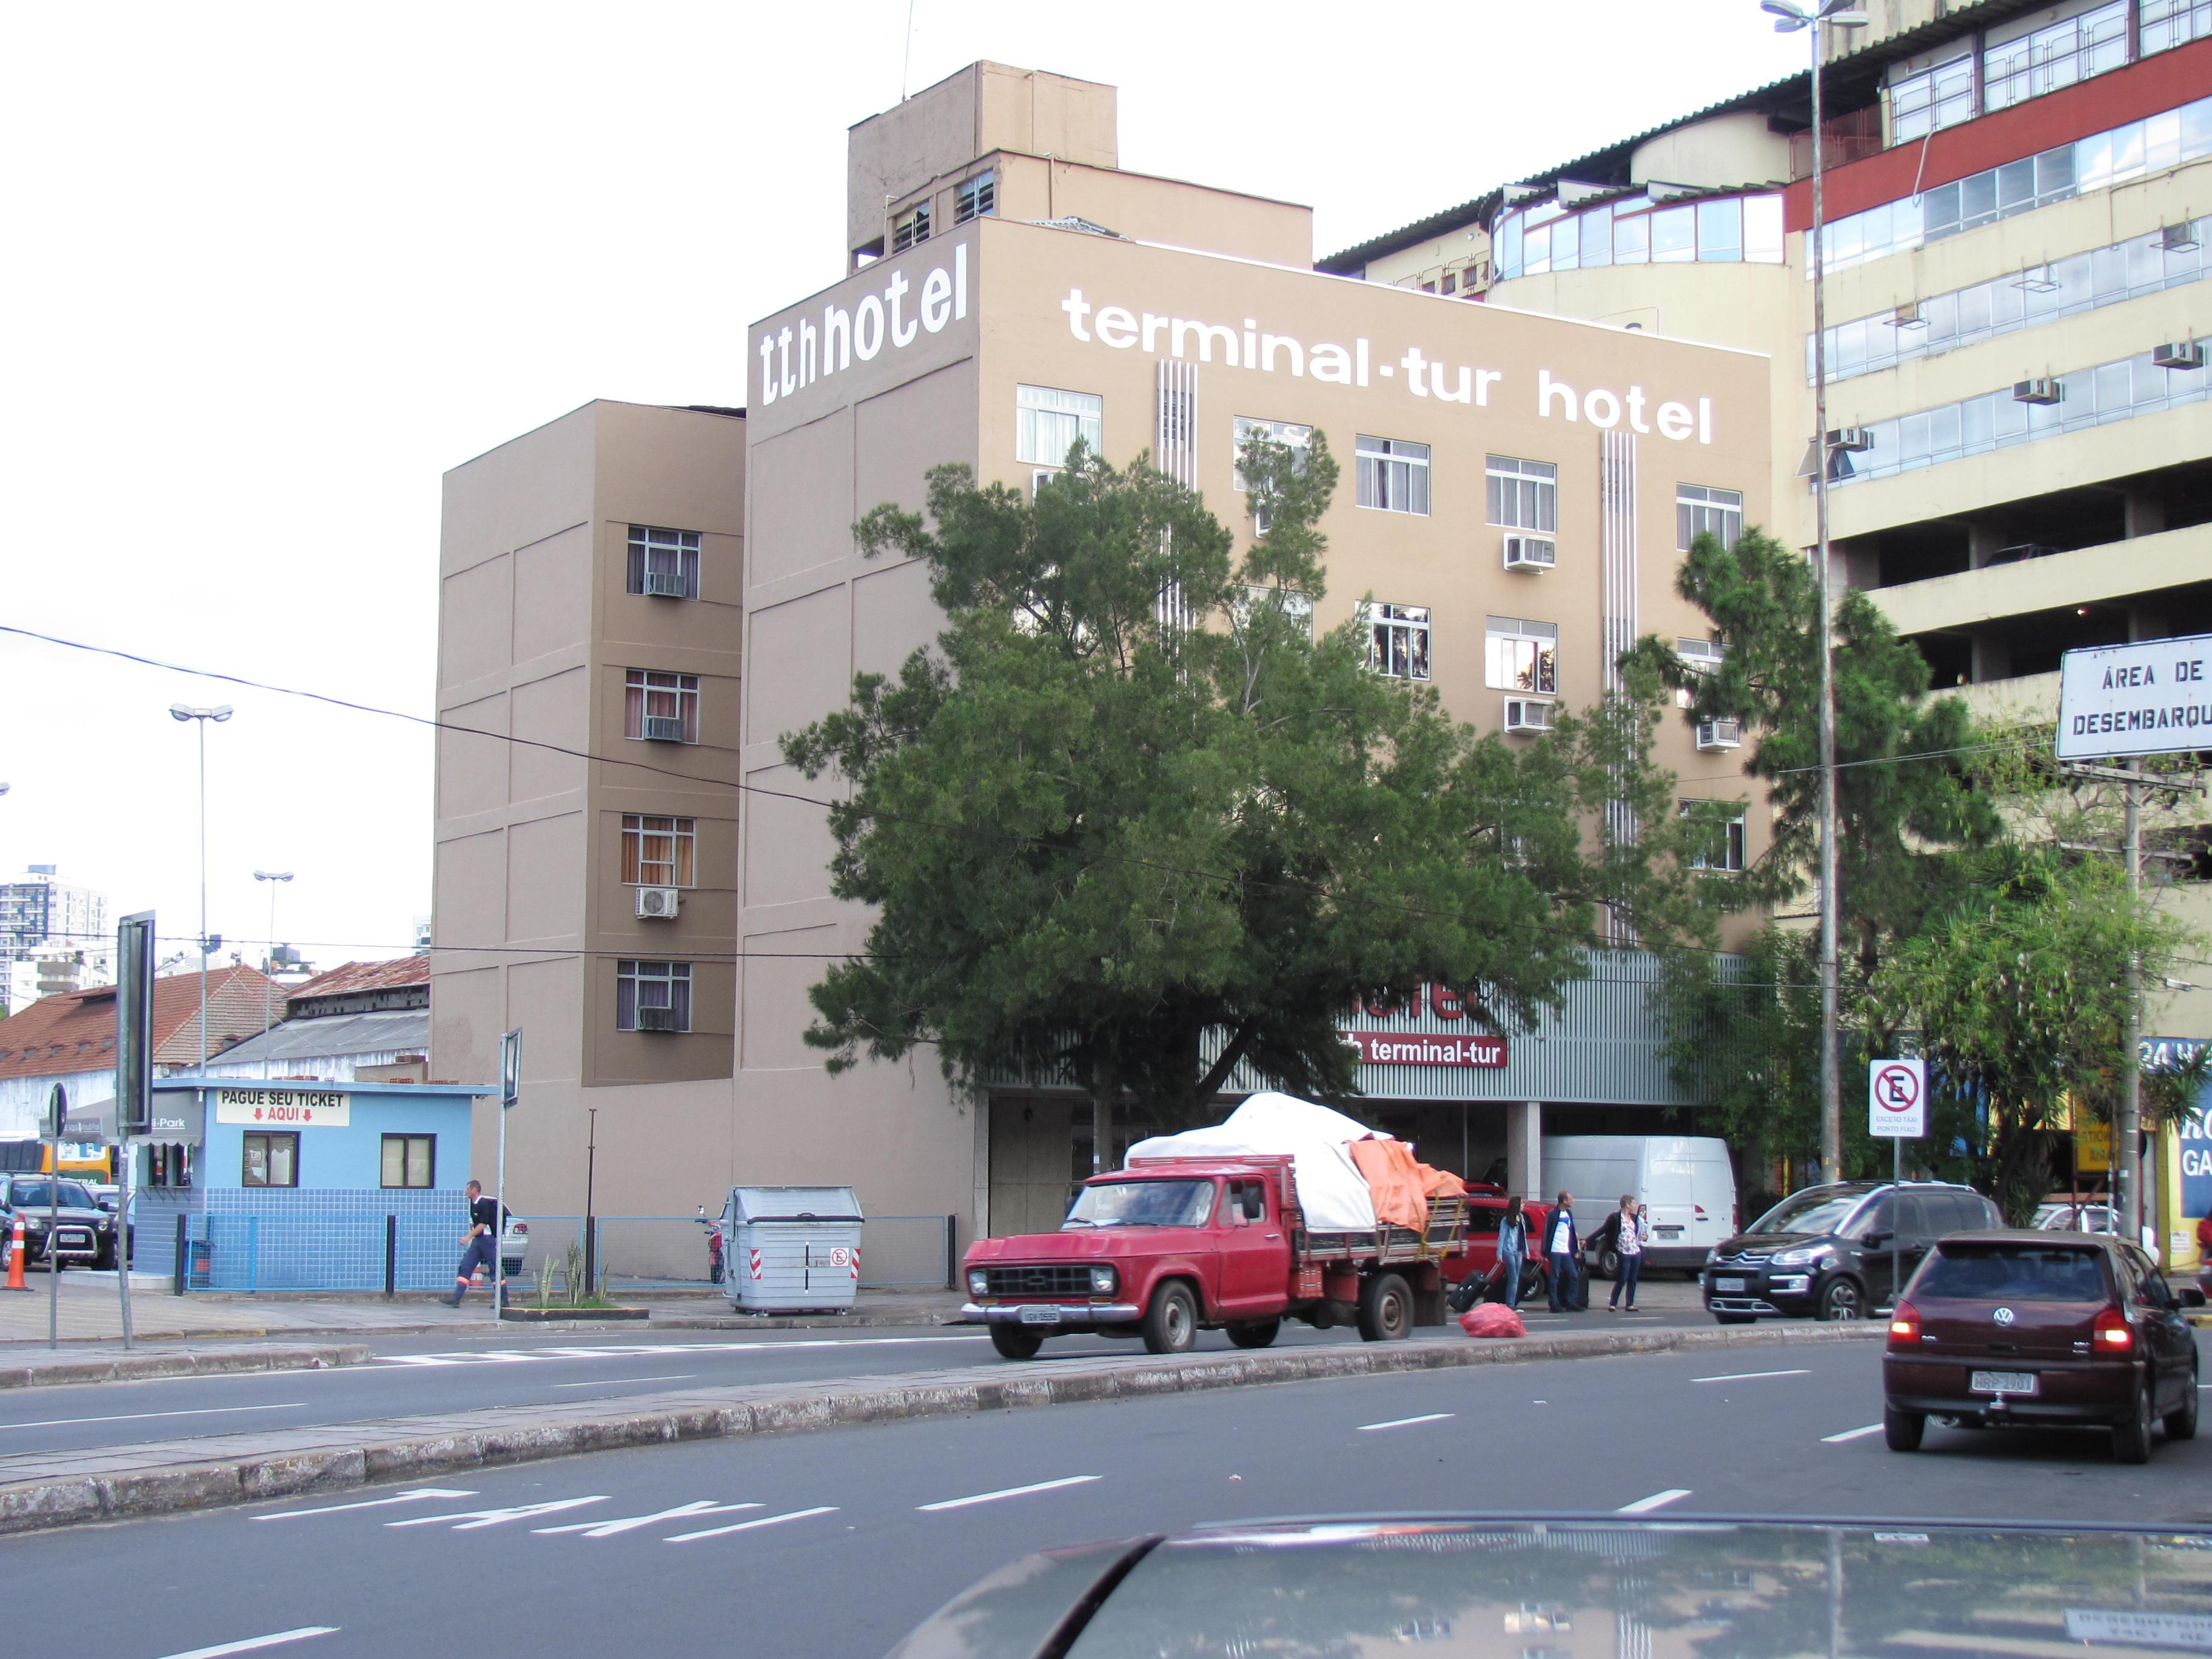 Preço de hotel em Porto Alegre